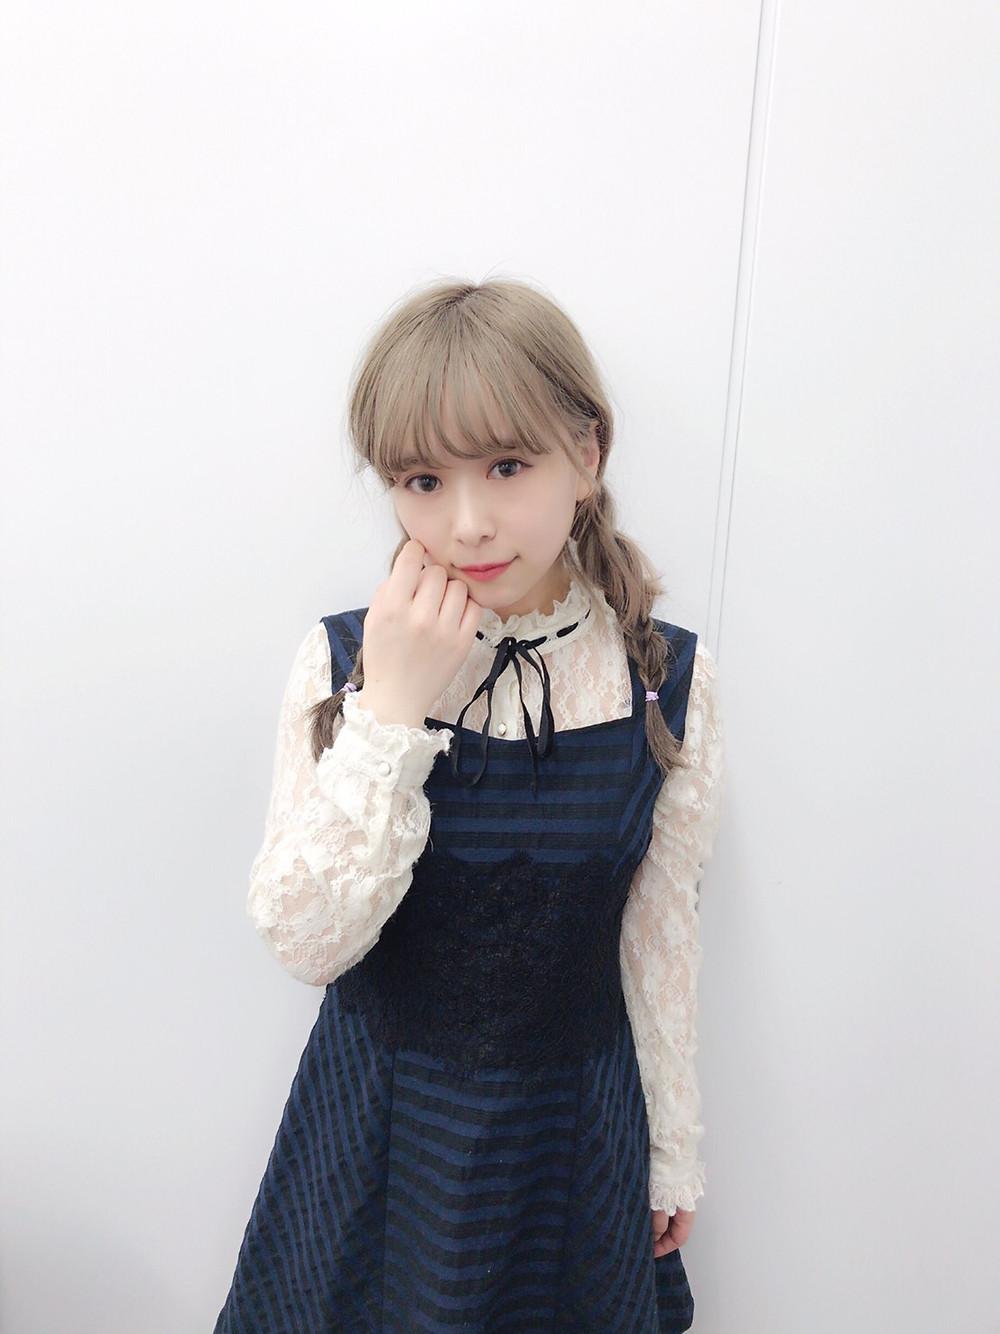 平松さん着用のワンピースはPlatina Girl ストア限定販売!